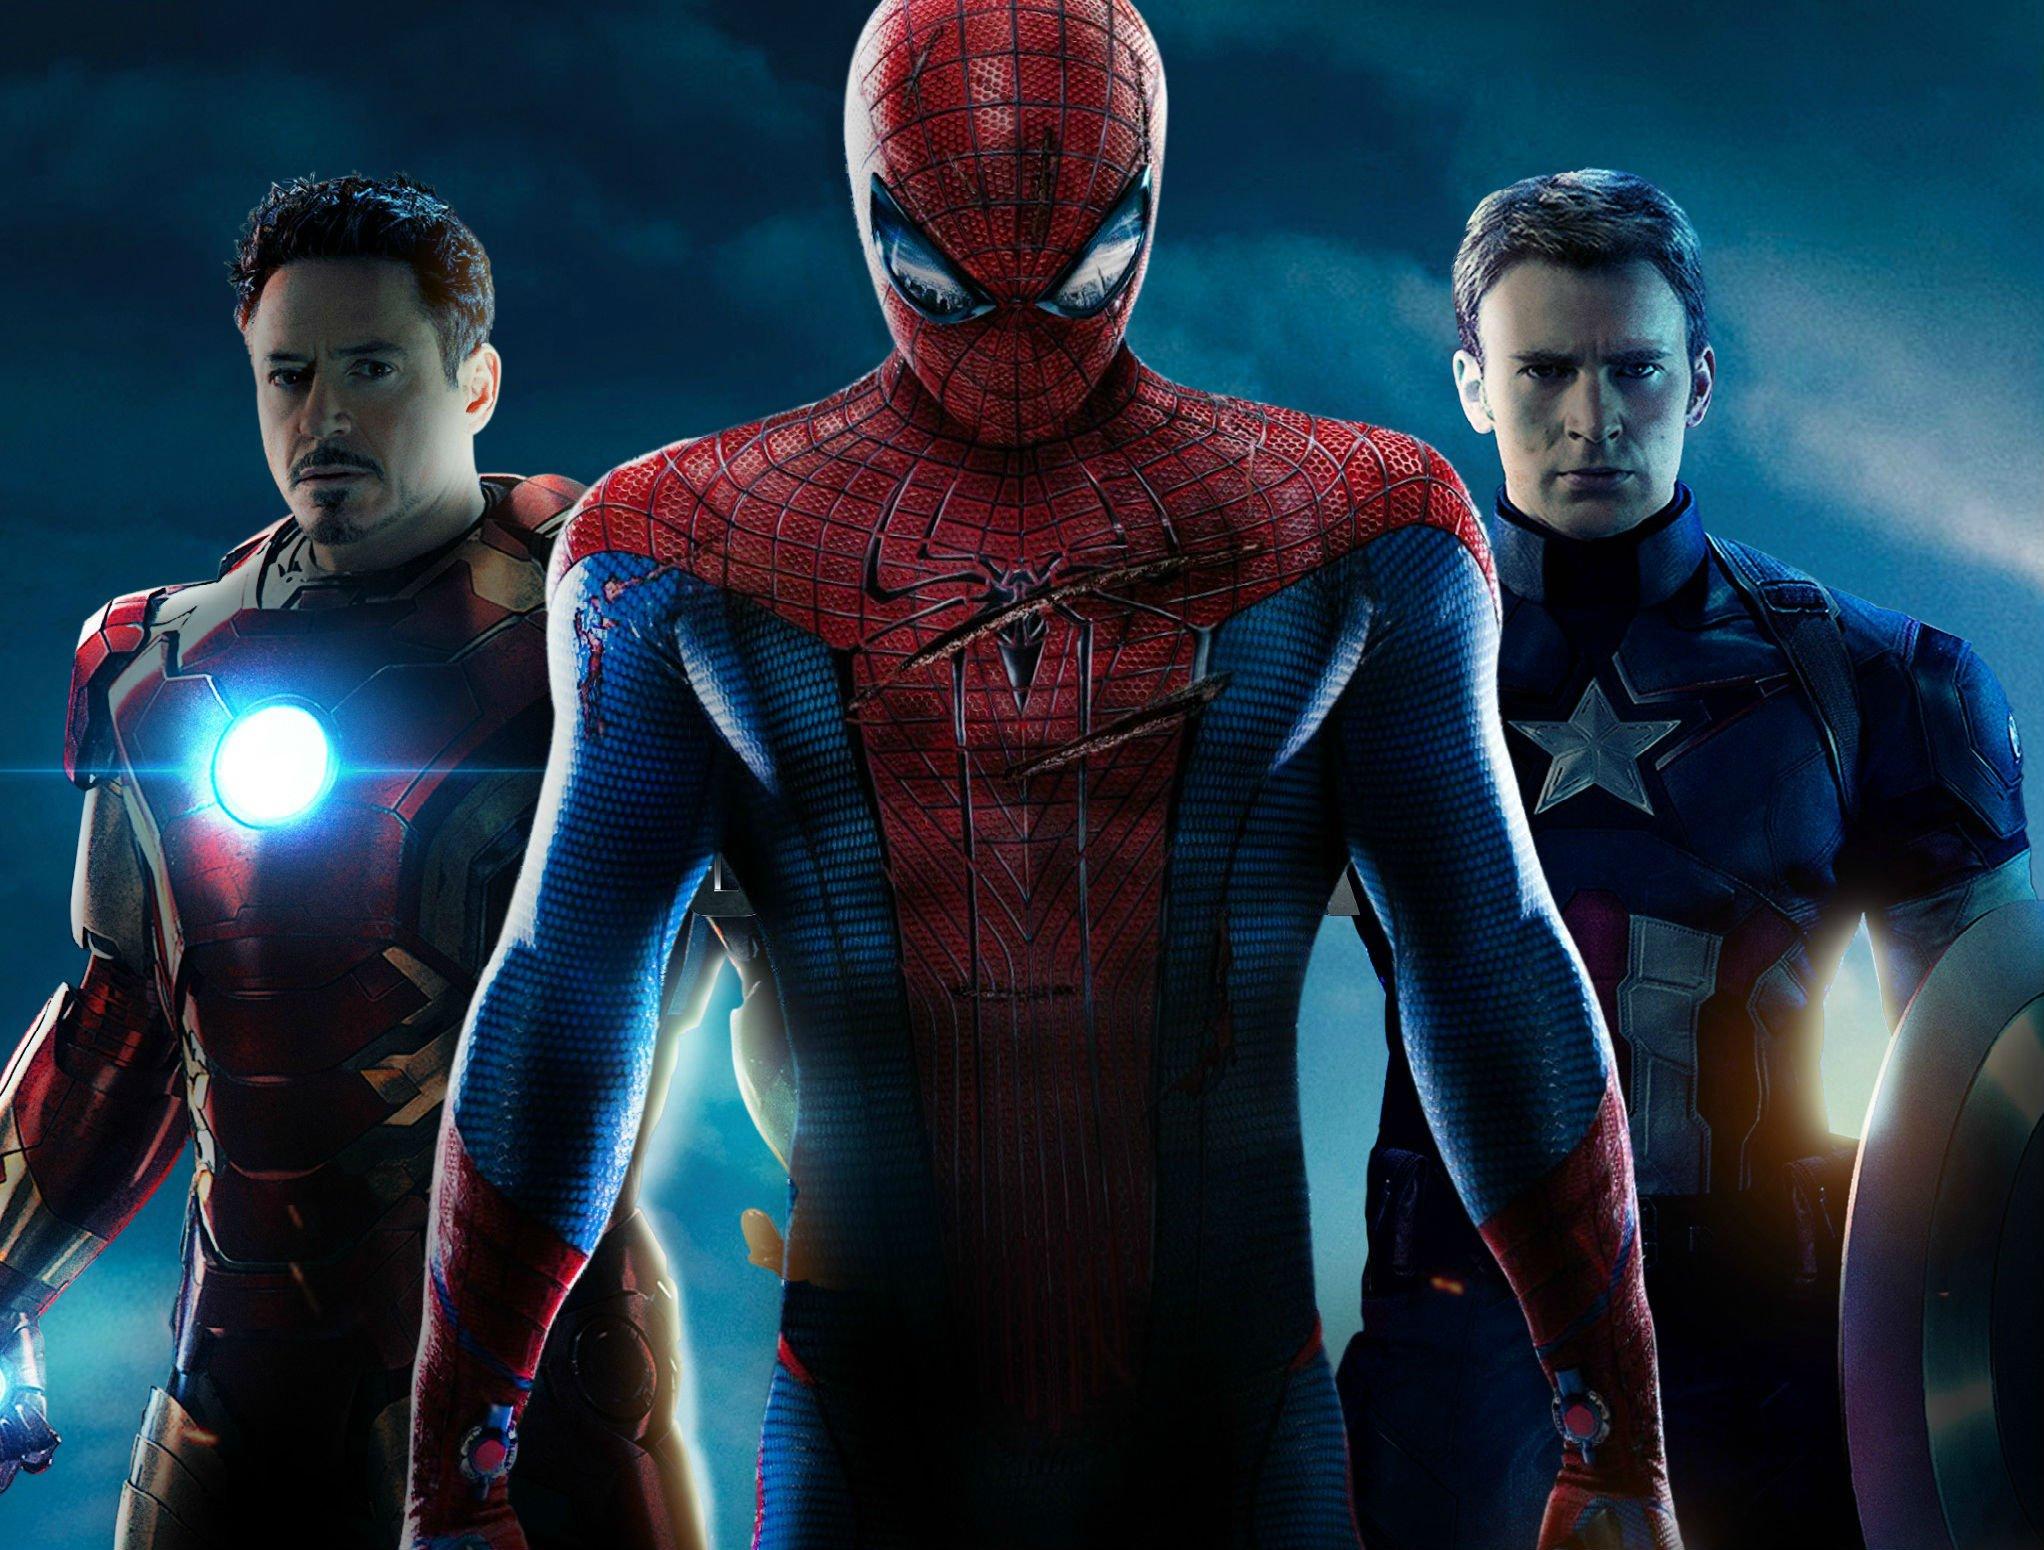 Captain america 3 civil war marvel superhero action - Avengers superhero wallpaper ...